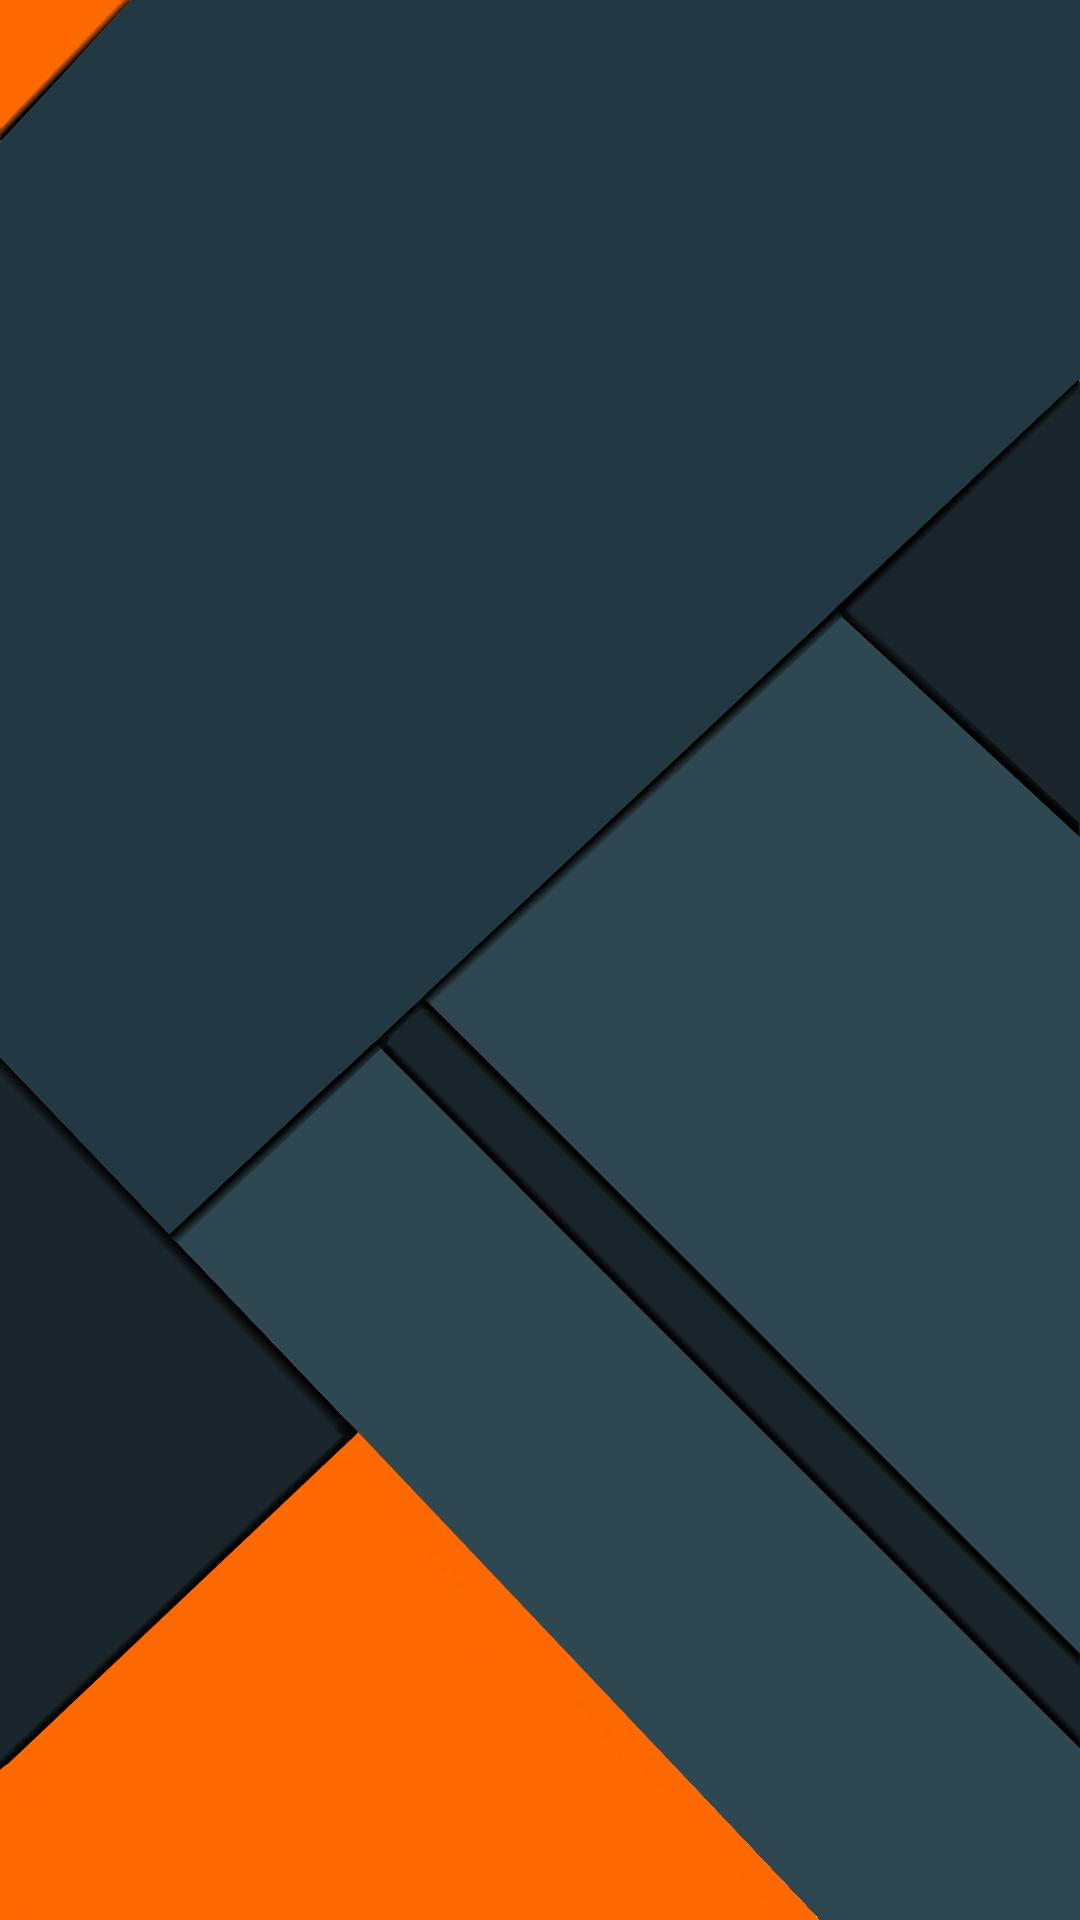 abstract fullhd wallpaper. | wallpaper | pinterest | wallpaper and